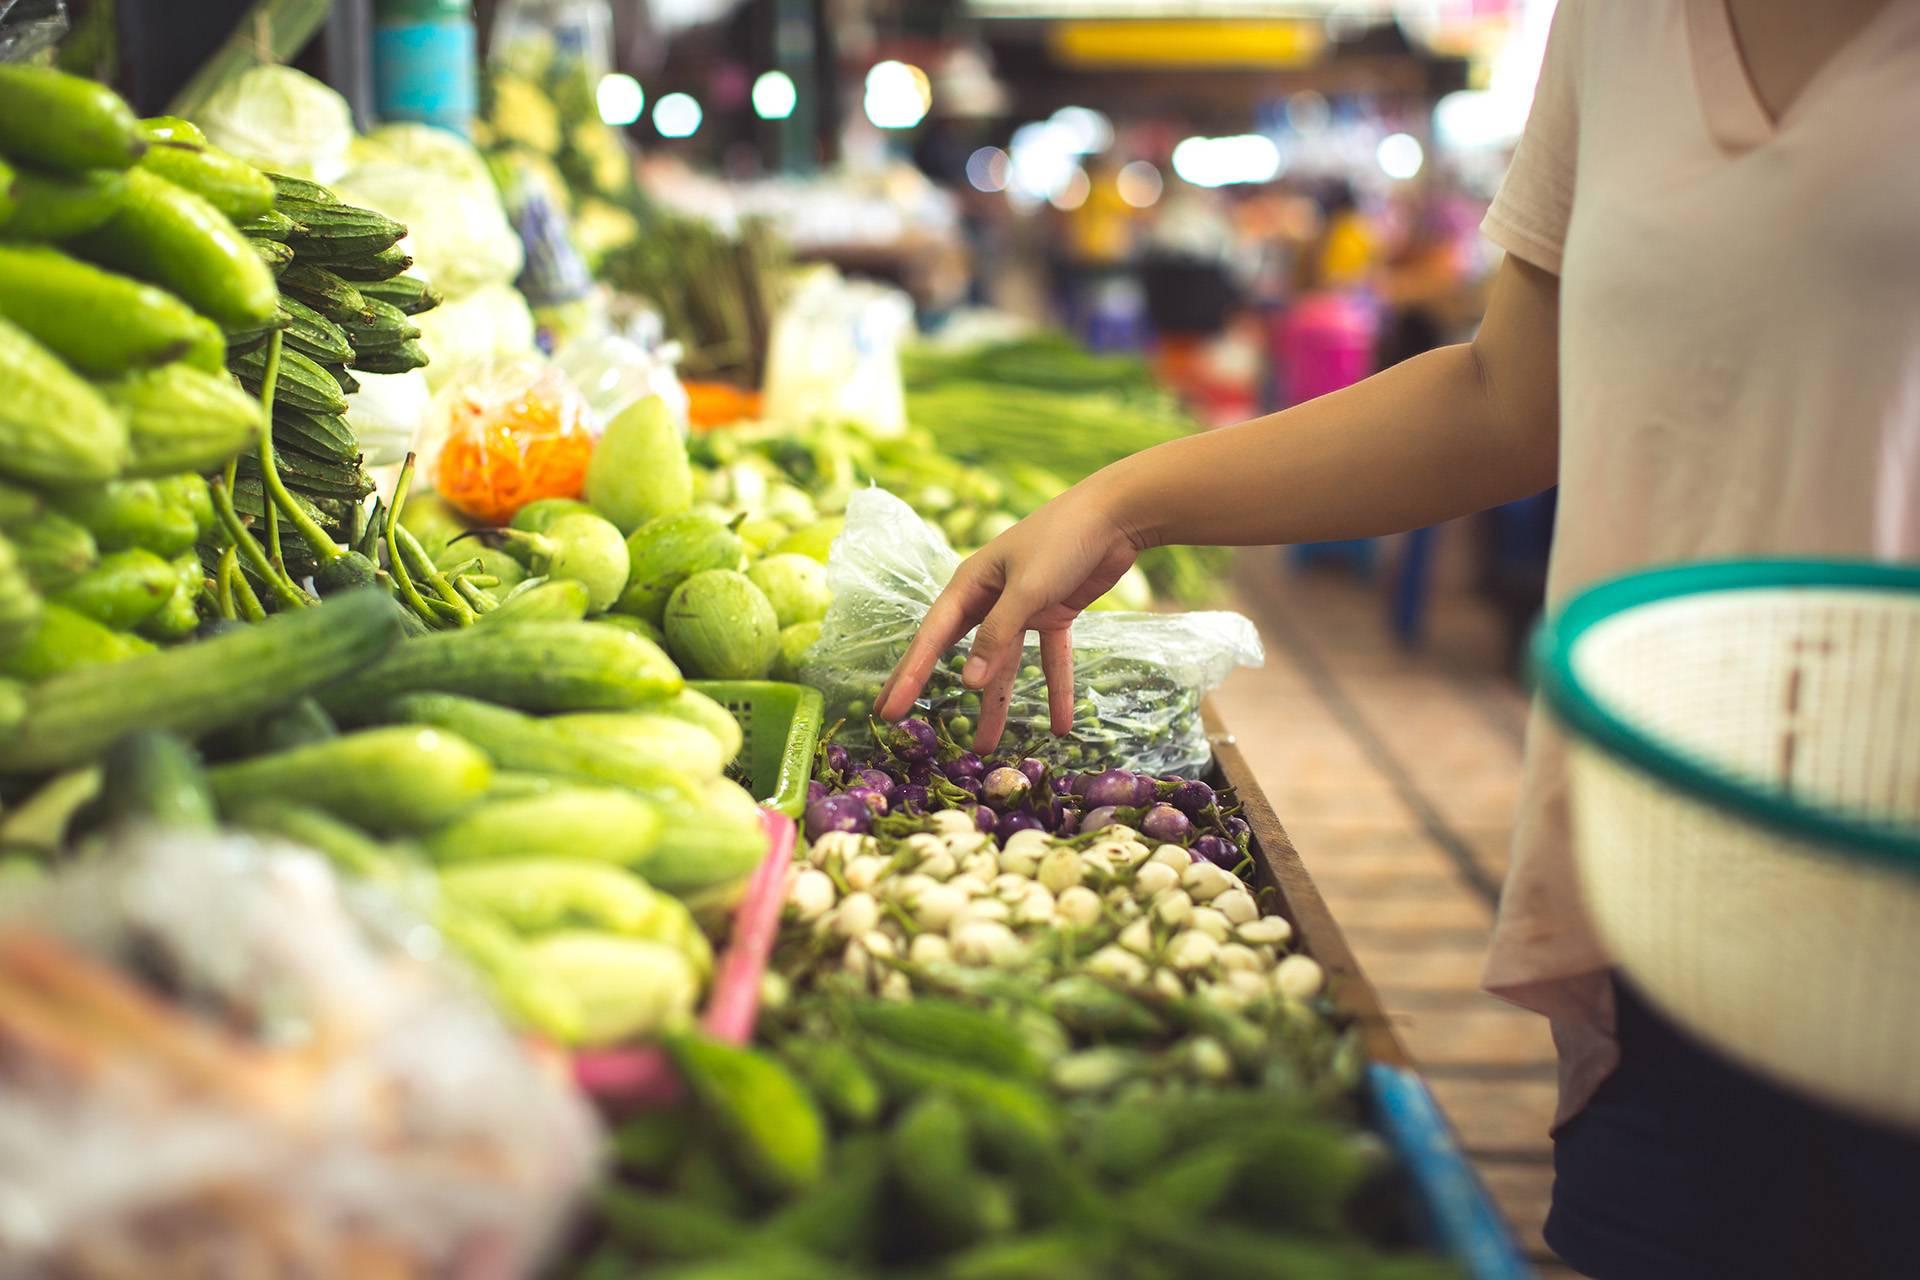 piac fotó: freepik.com